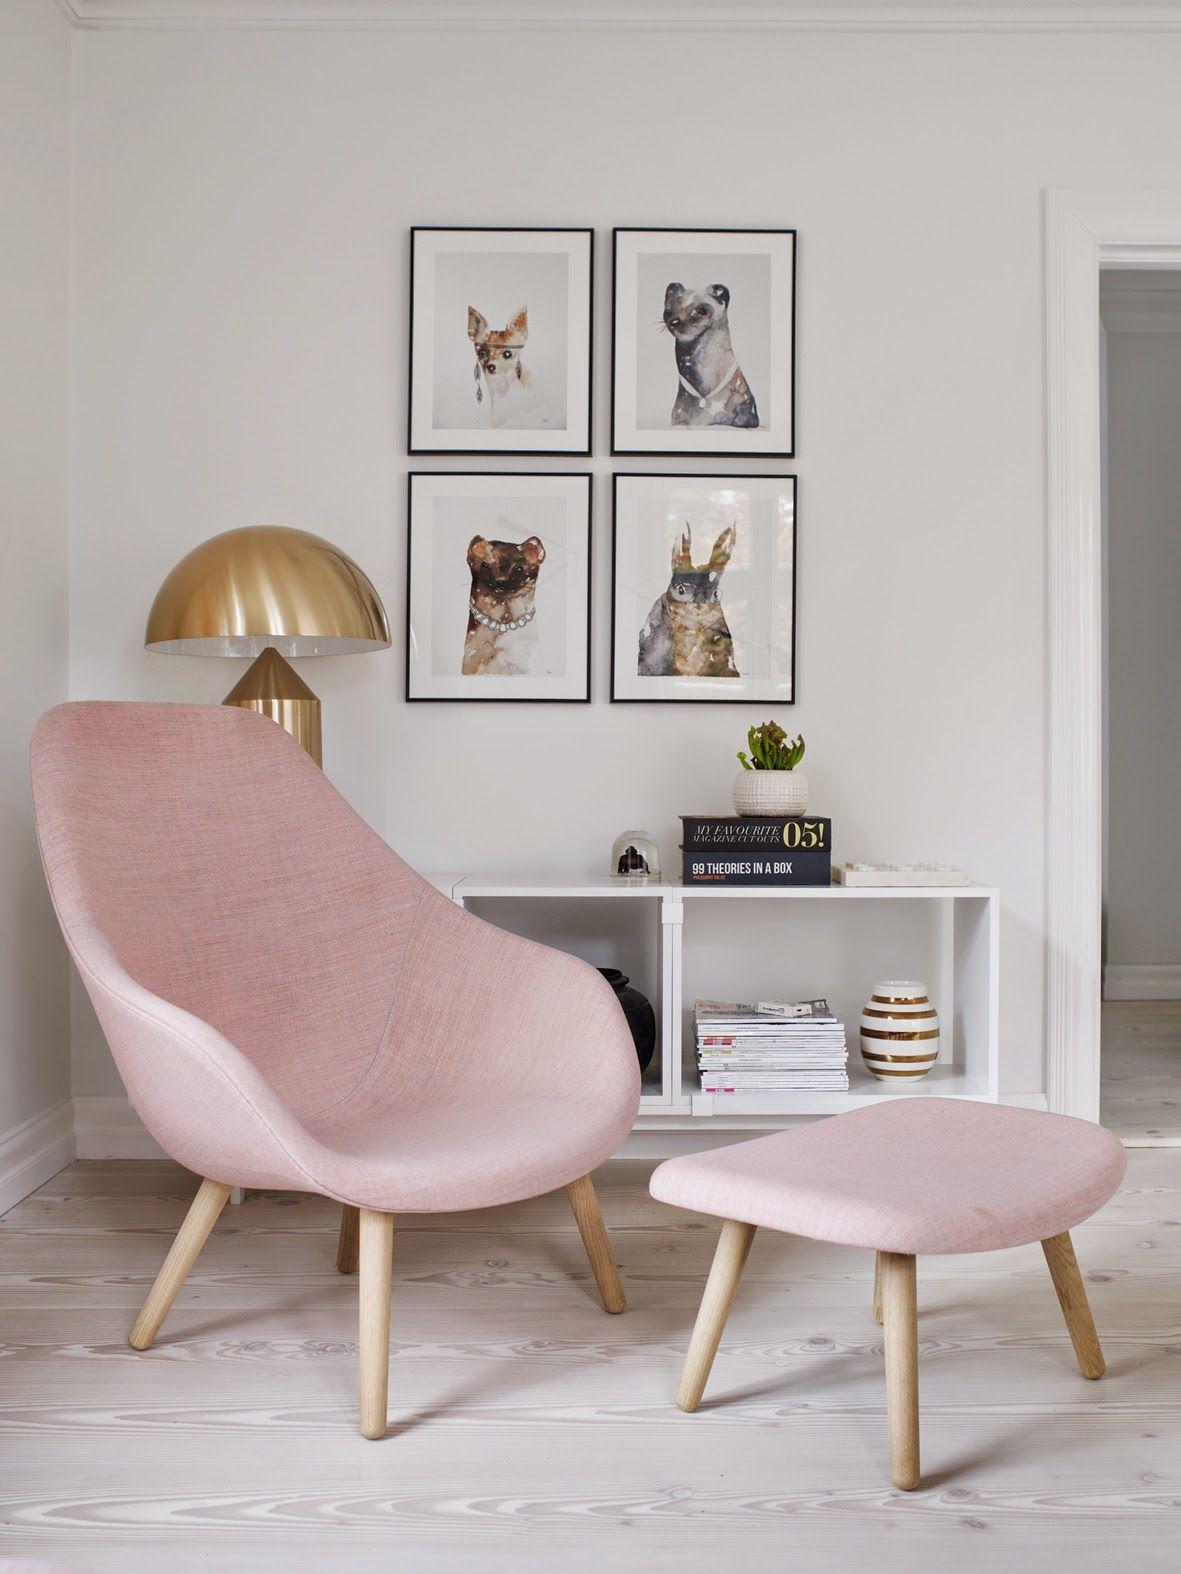 Blush color interior design trend